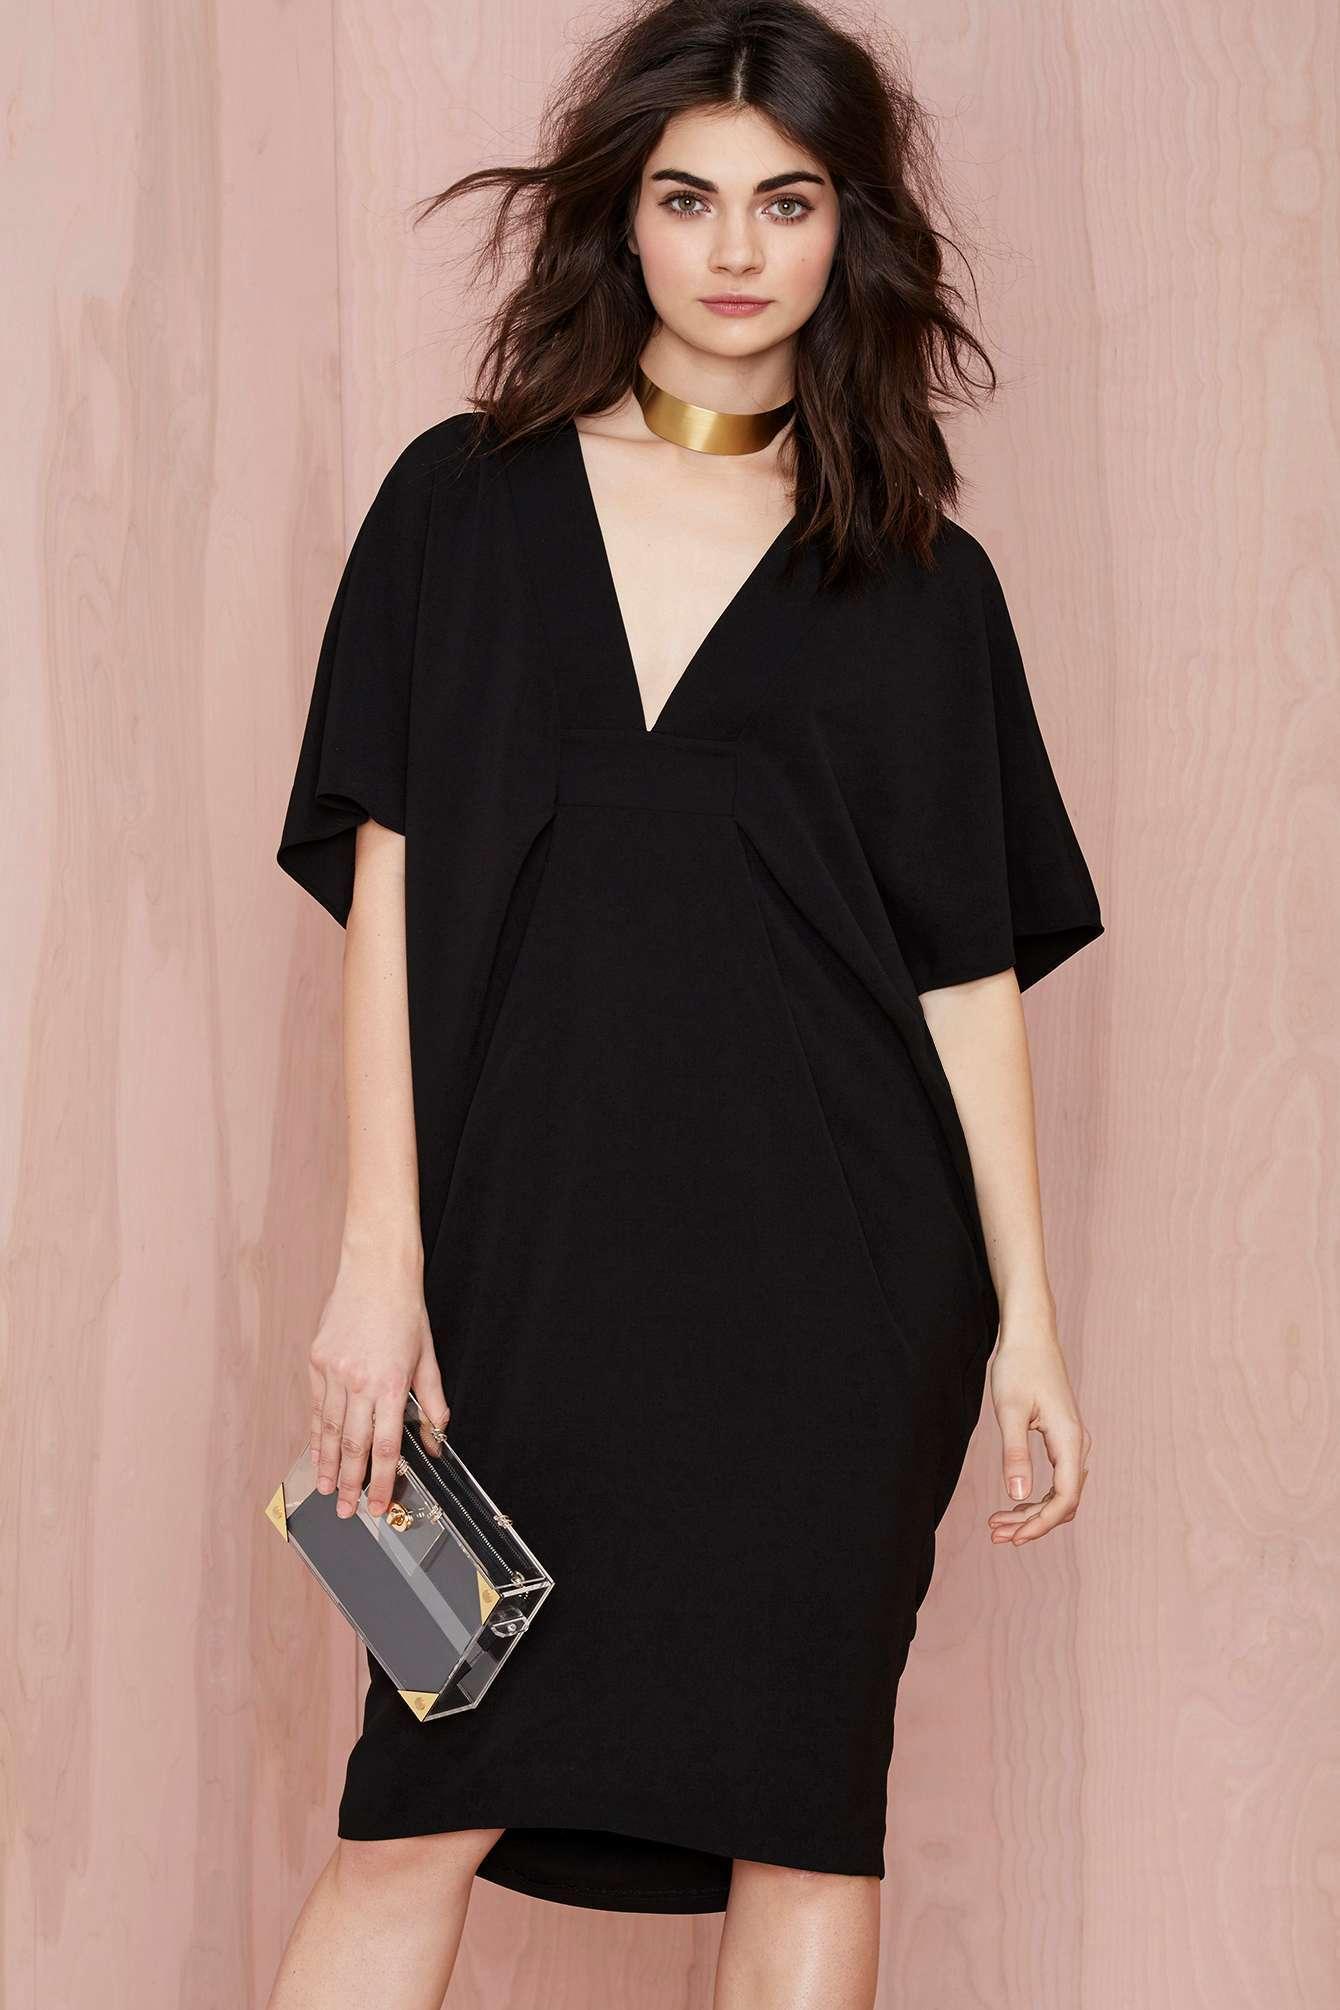 Robe noir femme pas cher